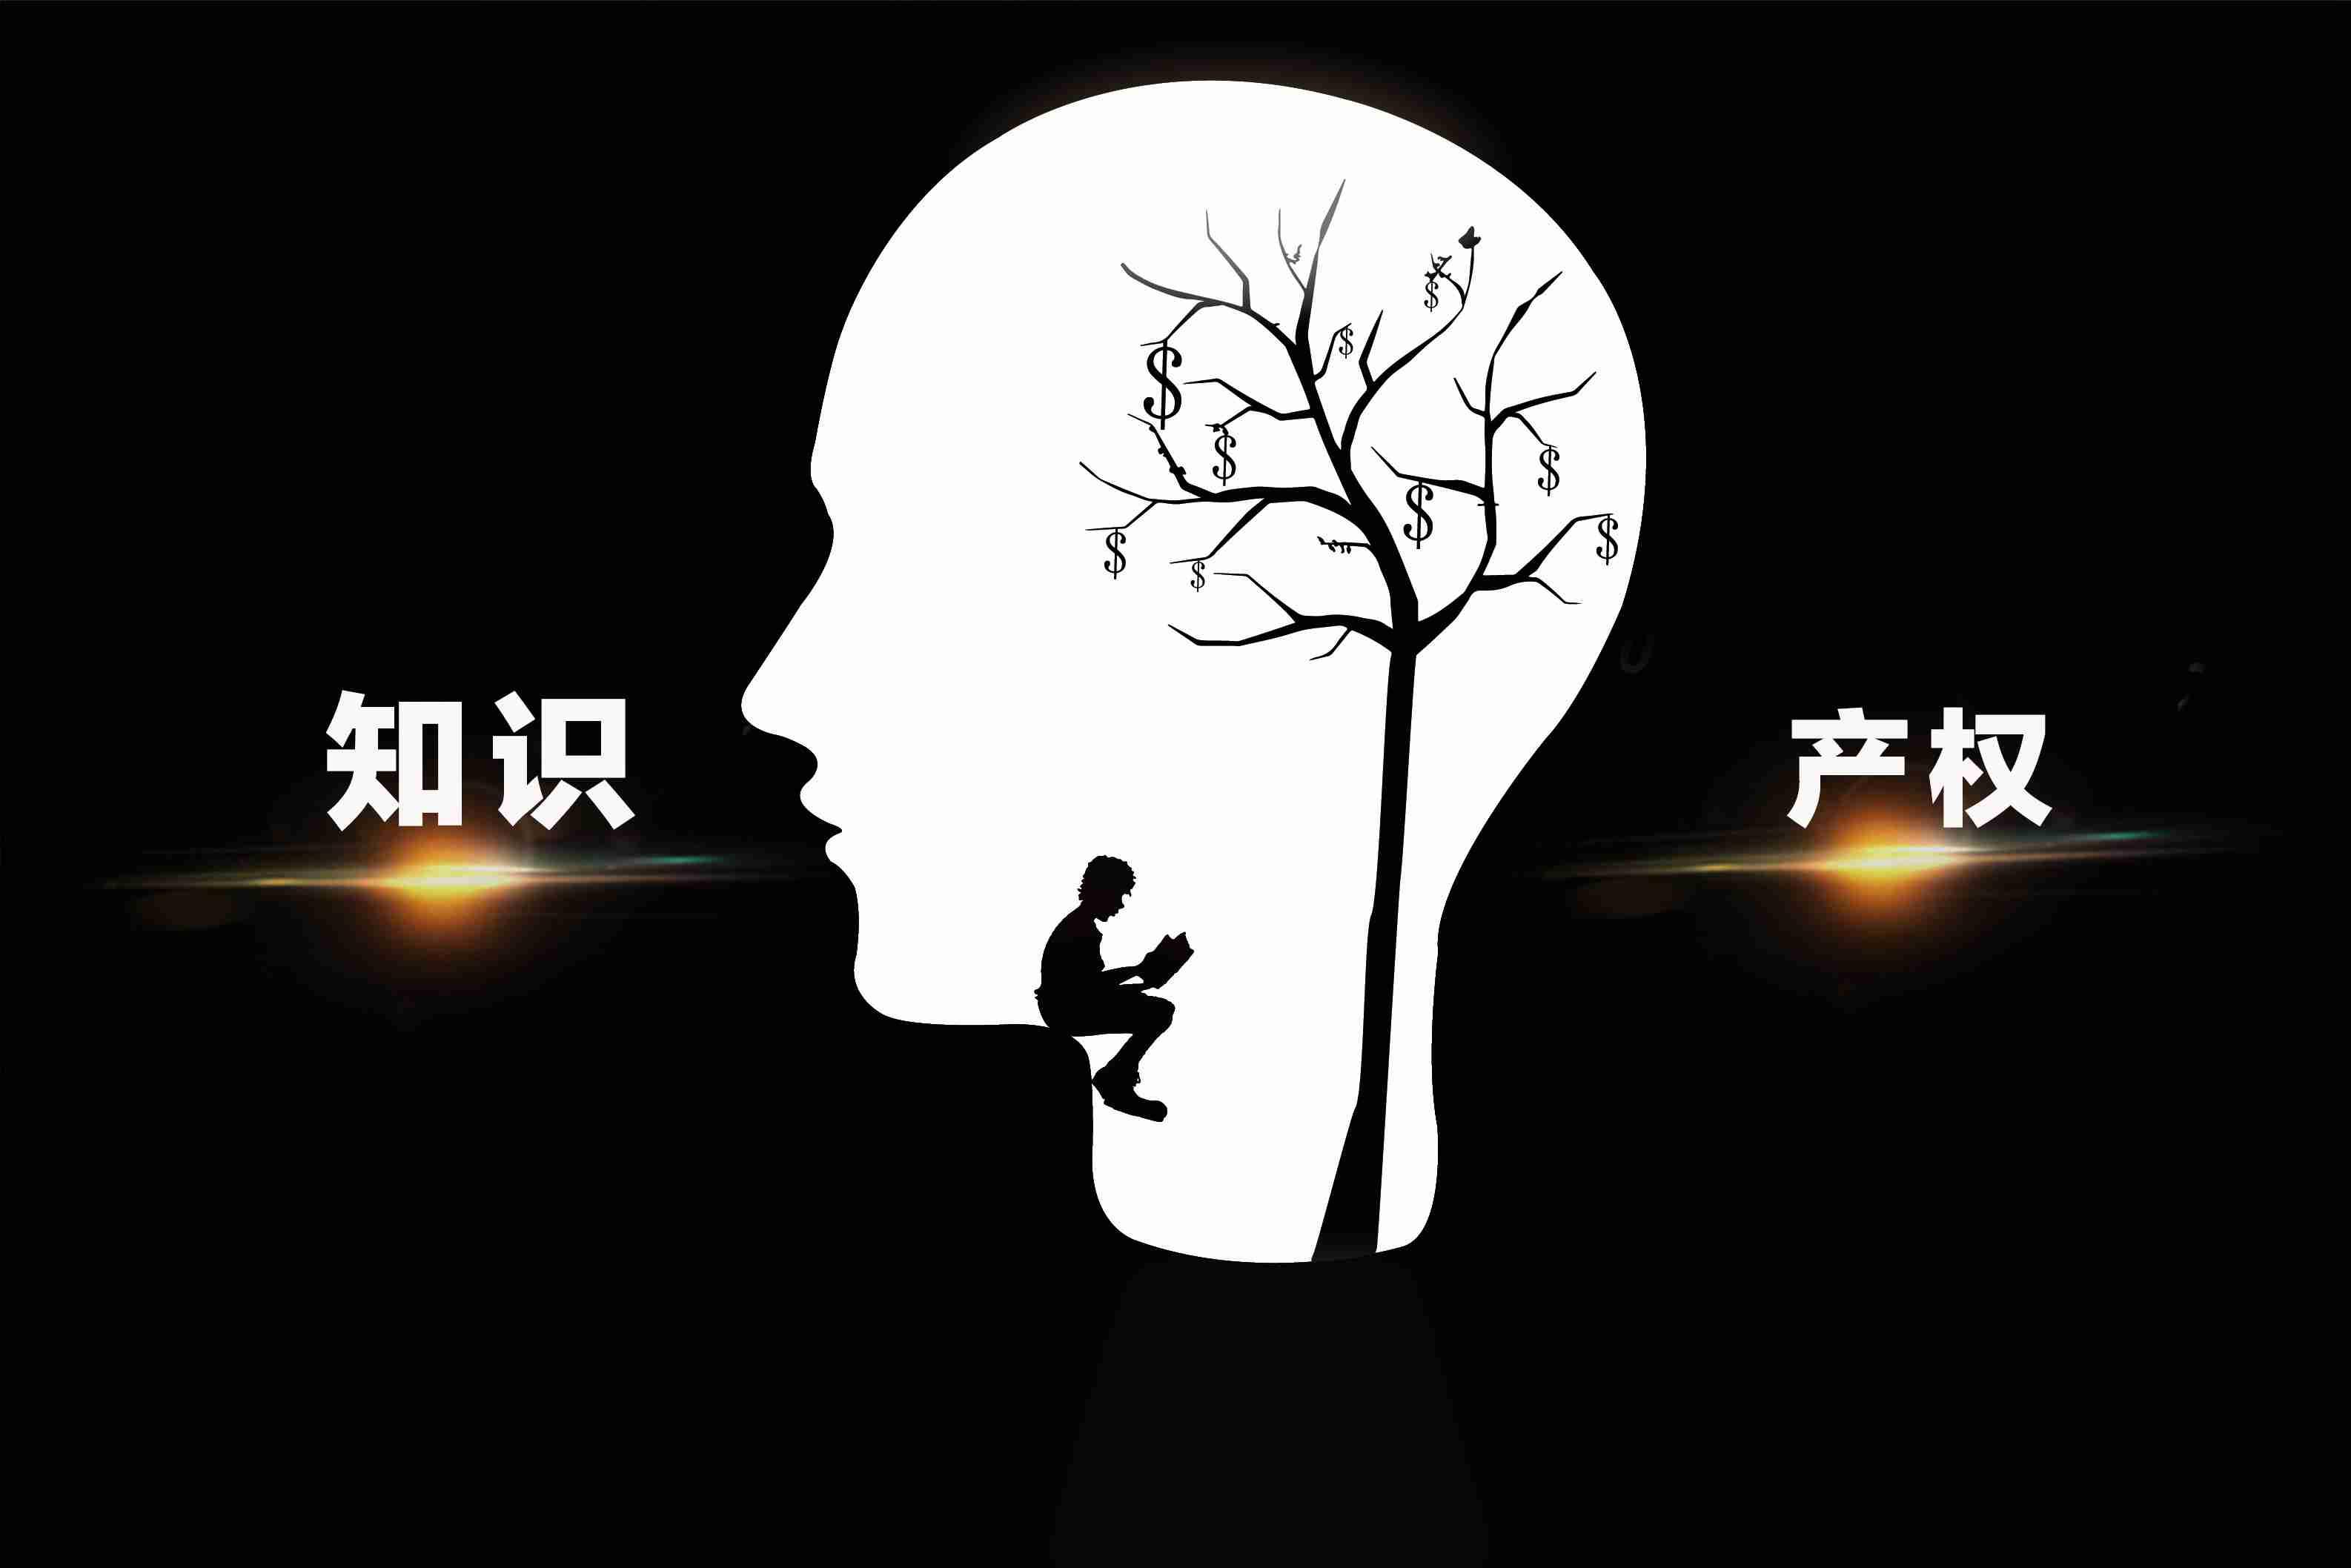 企业被起诉专利侵权了 深圳专利律师教你